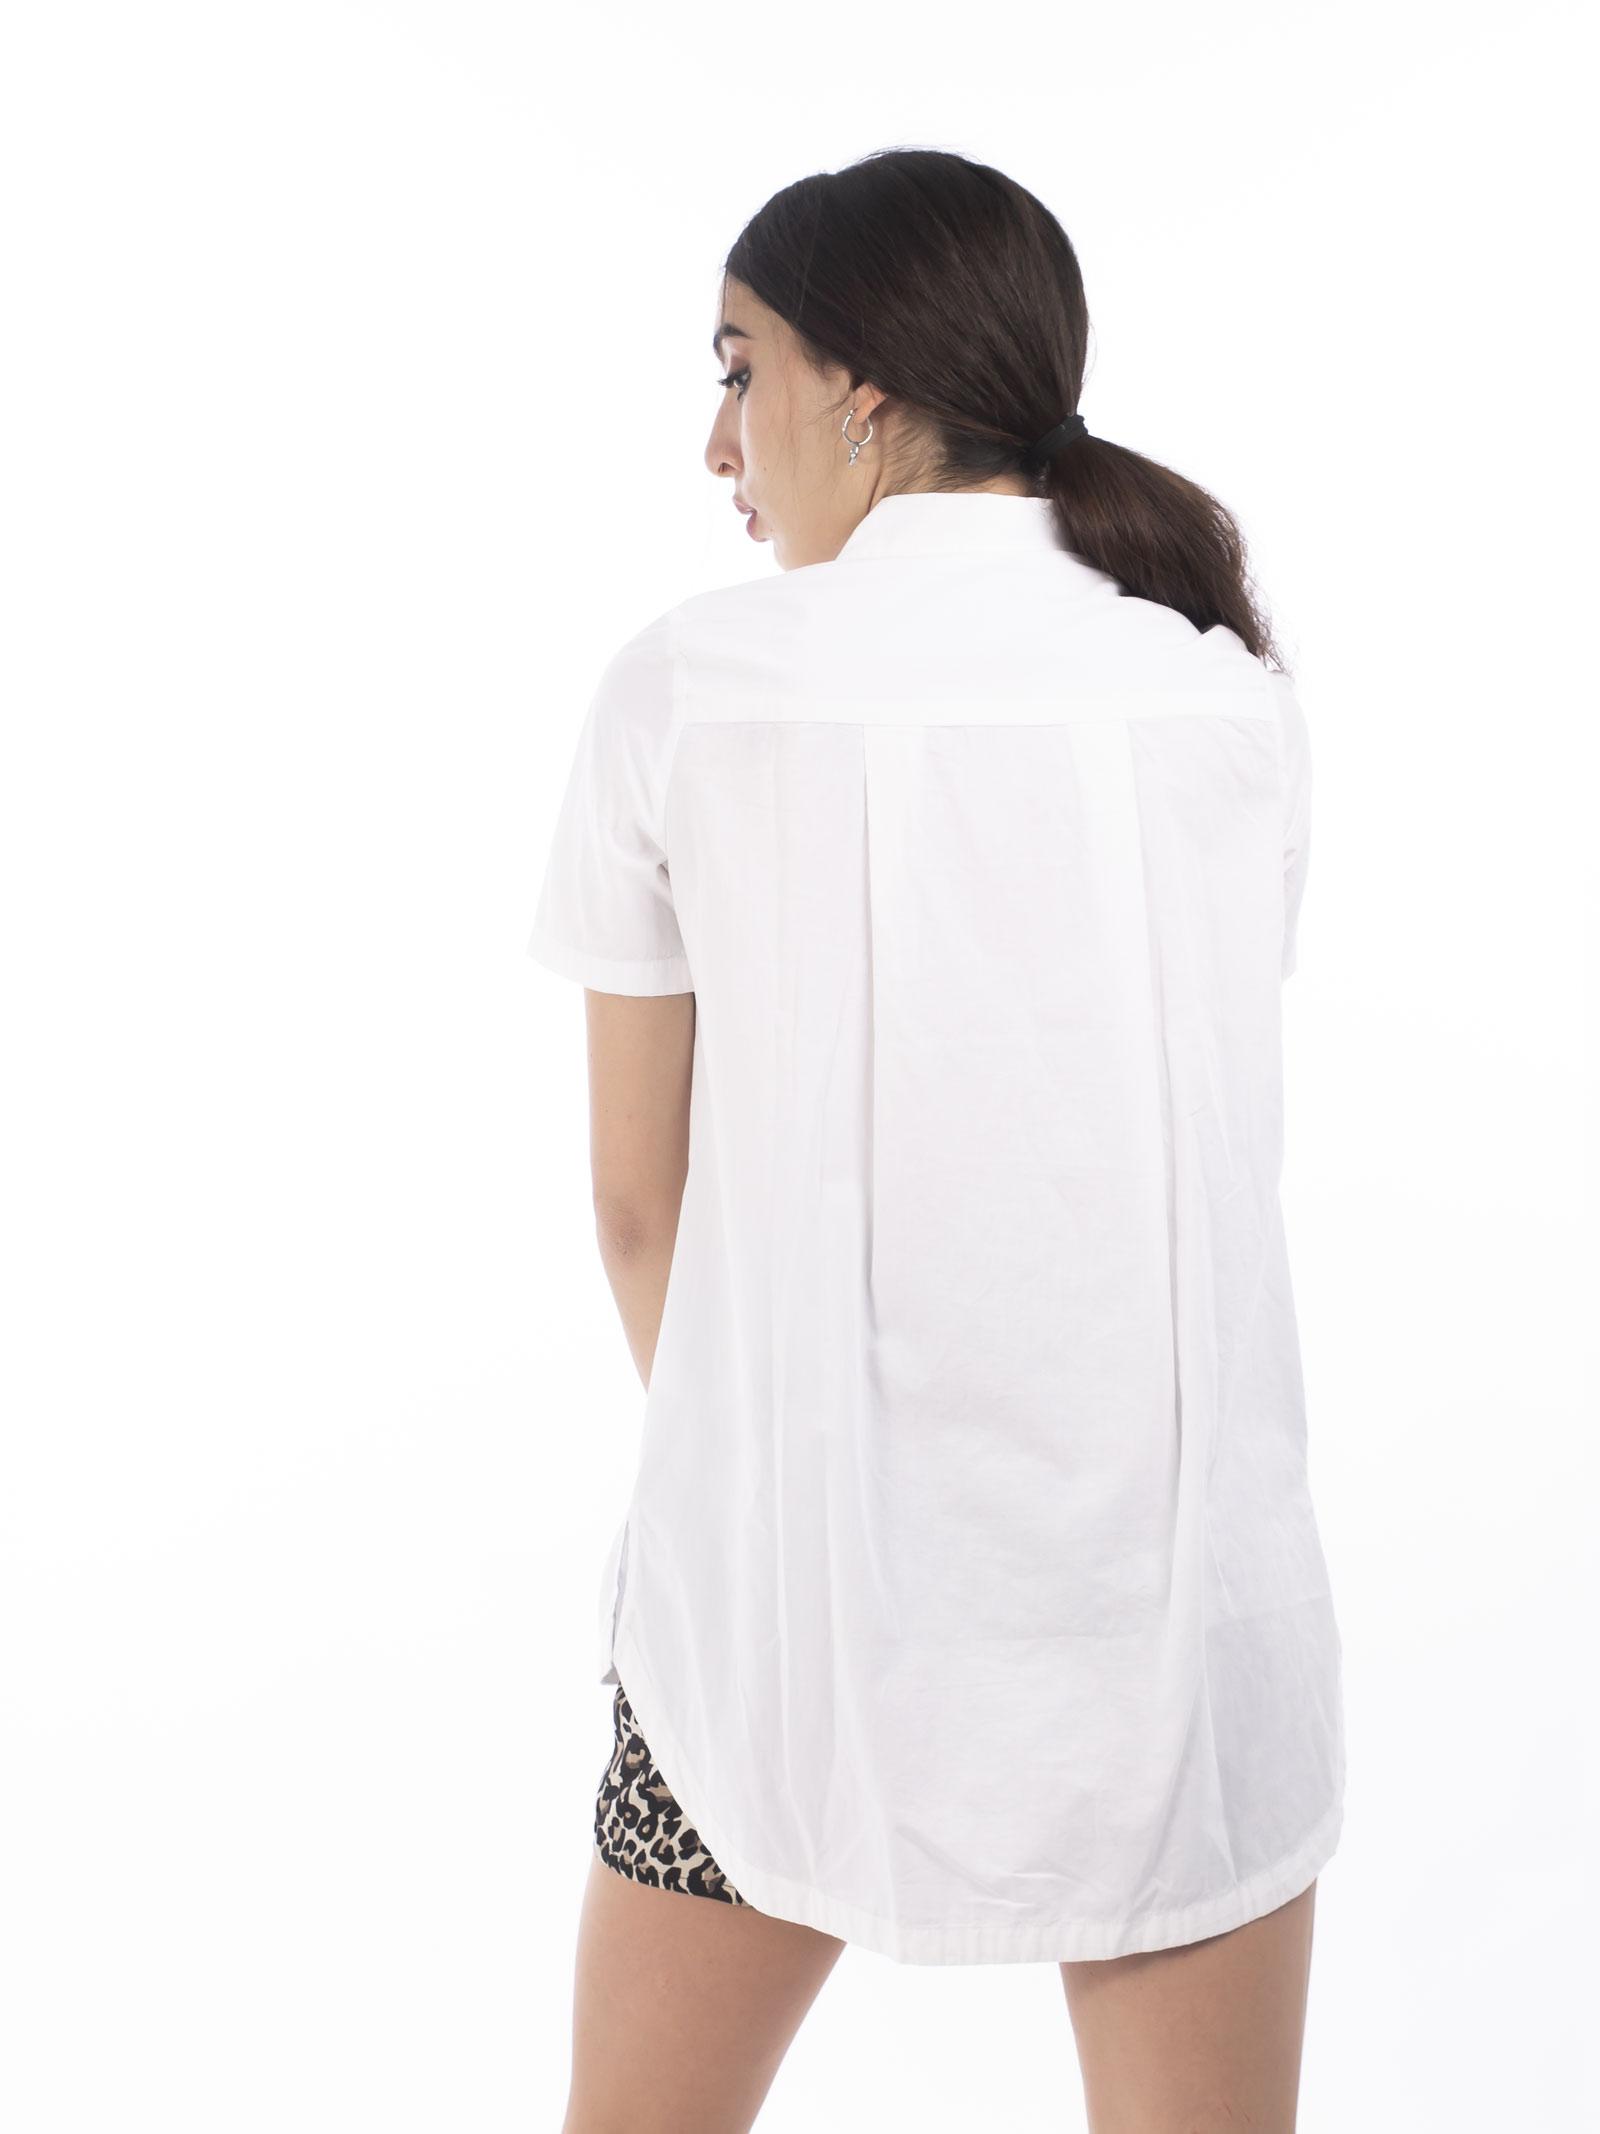 PIECES | Shirts | 17104575BIANCO